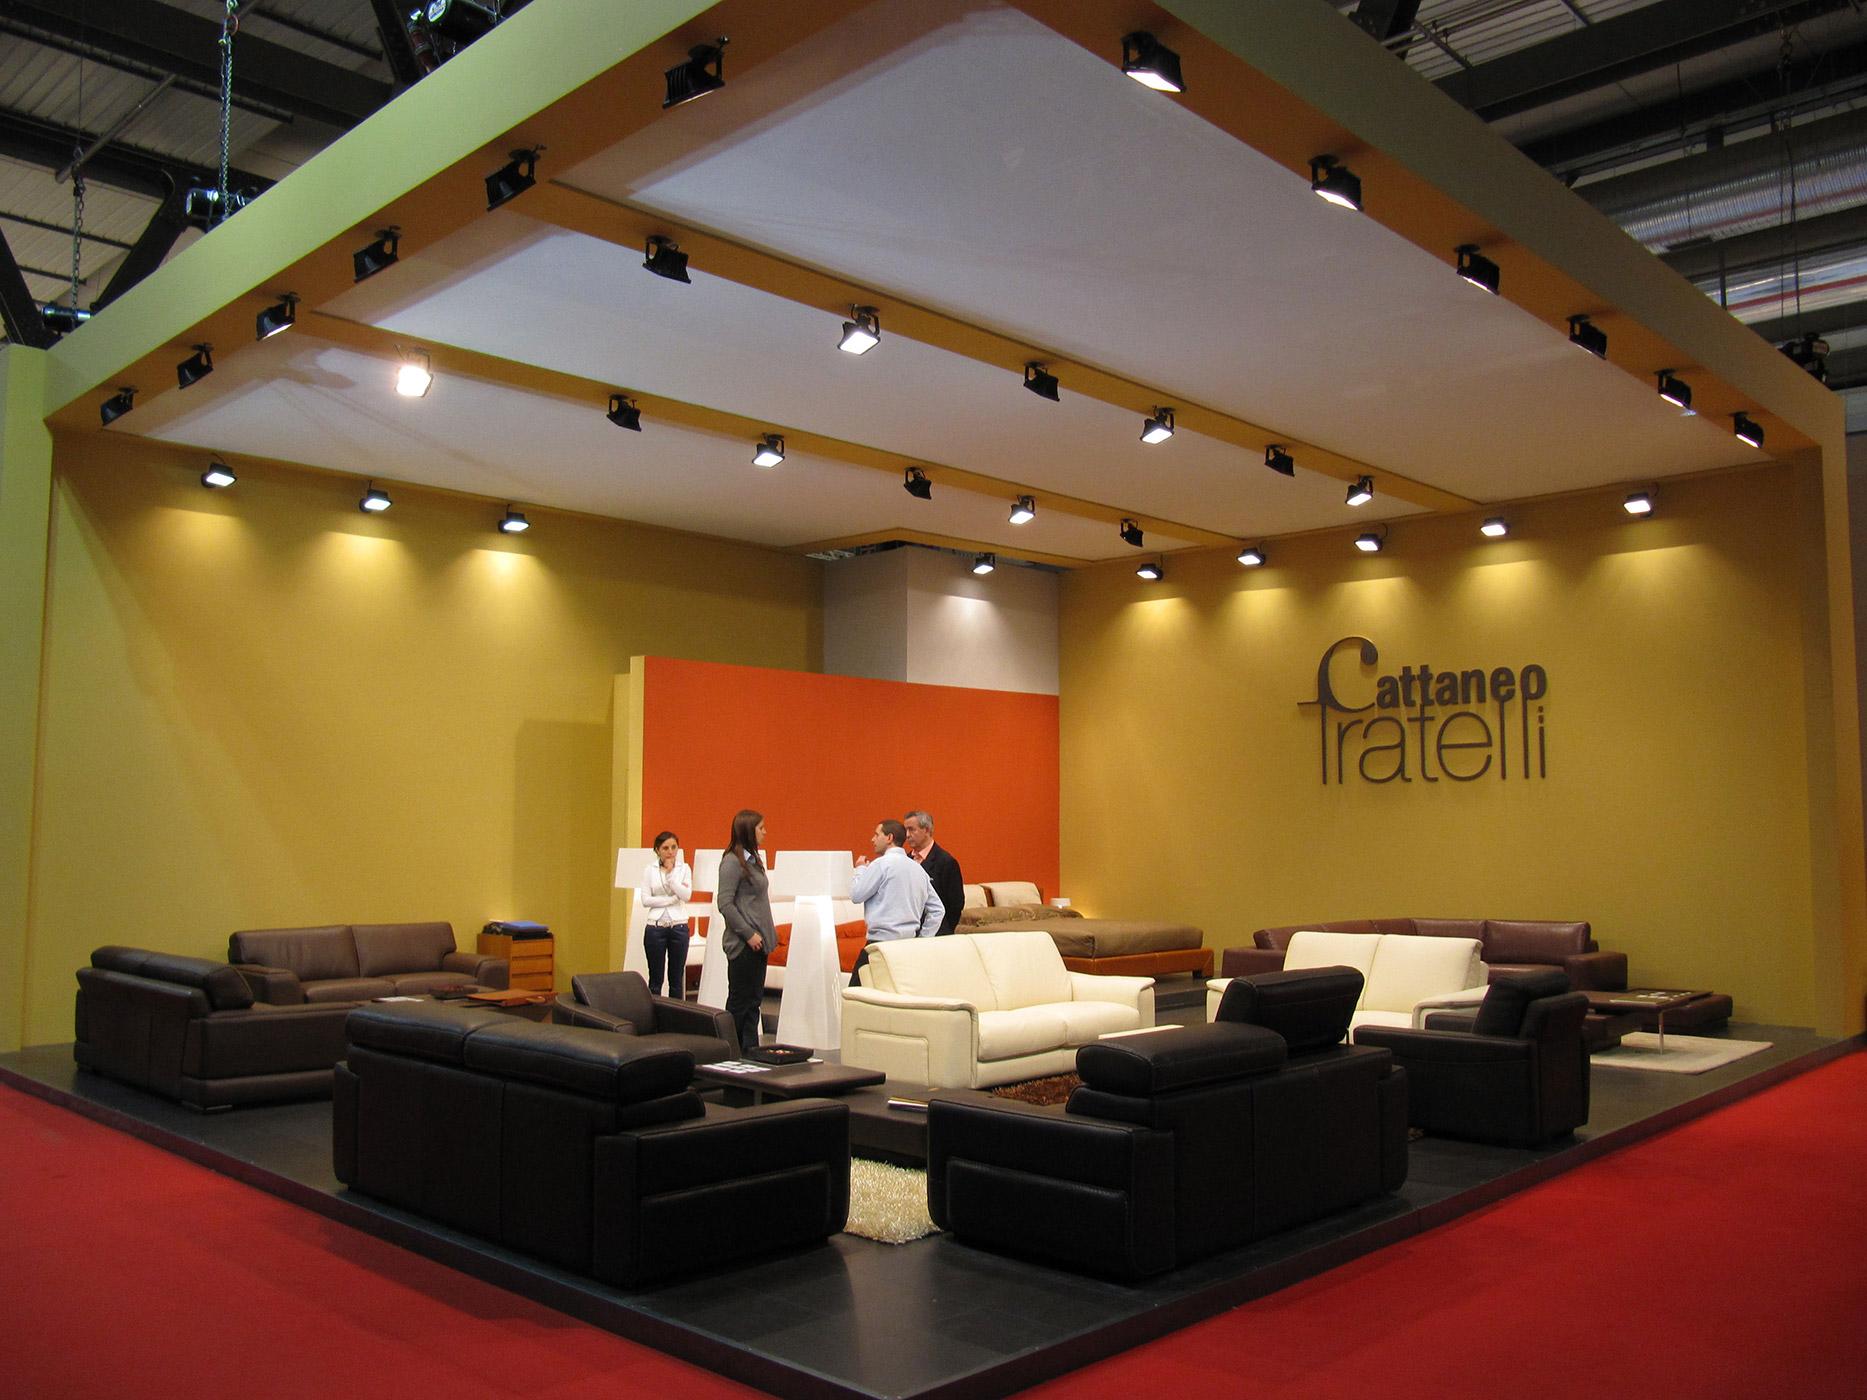 2-Cattaneo-Salone-2010